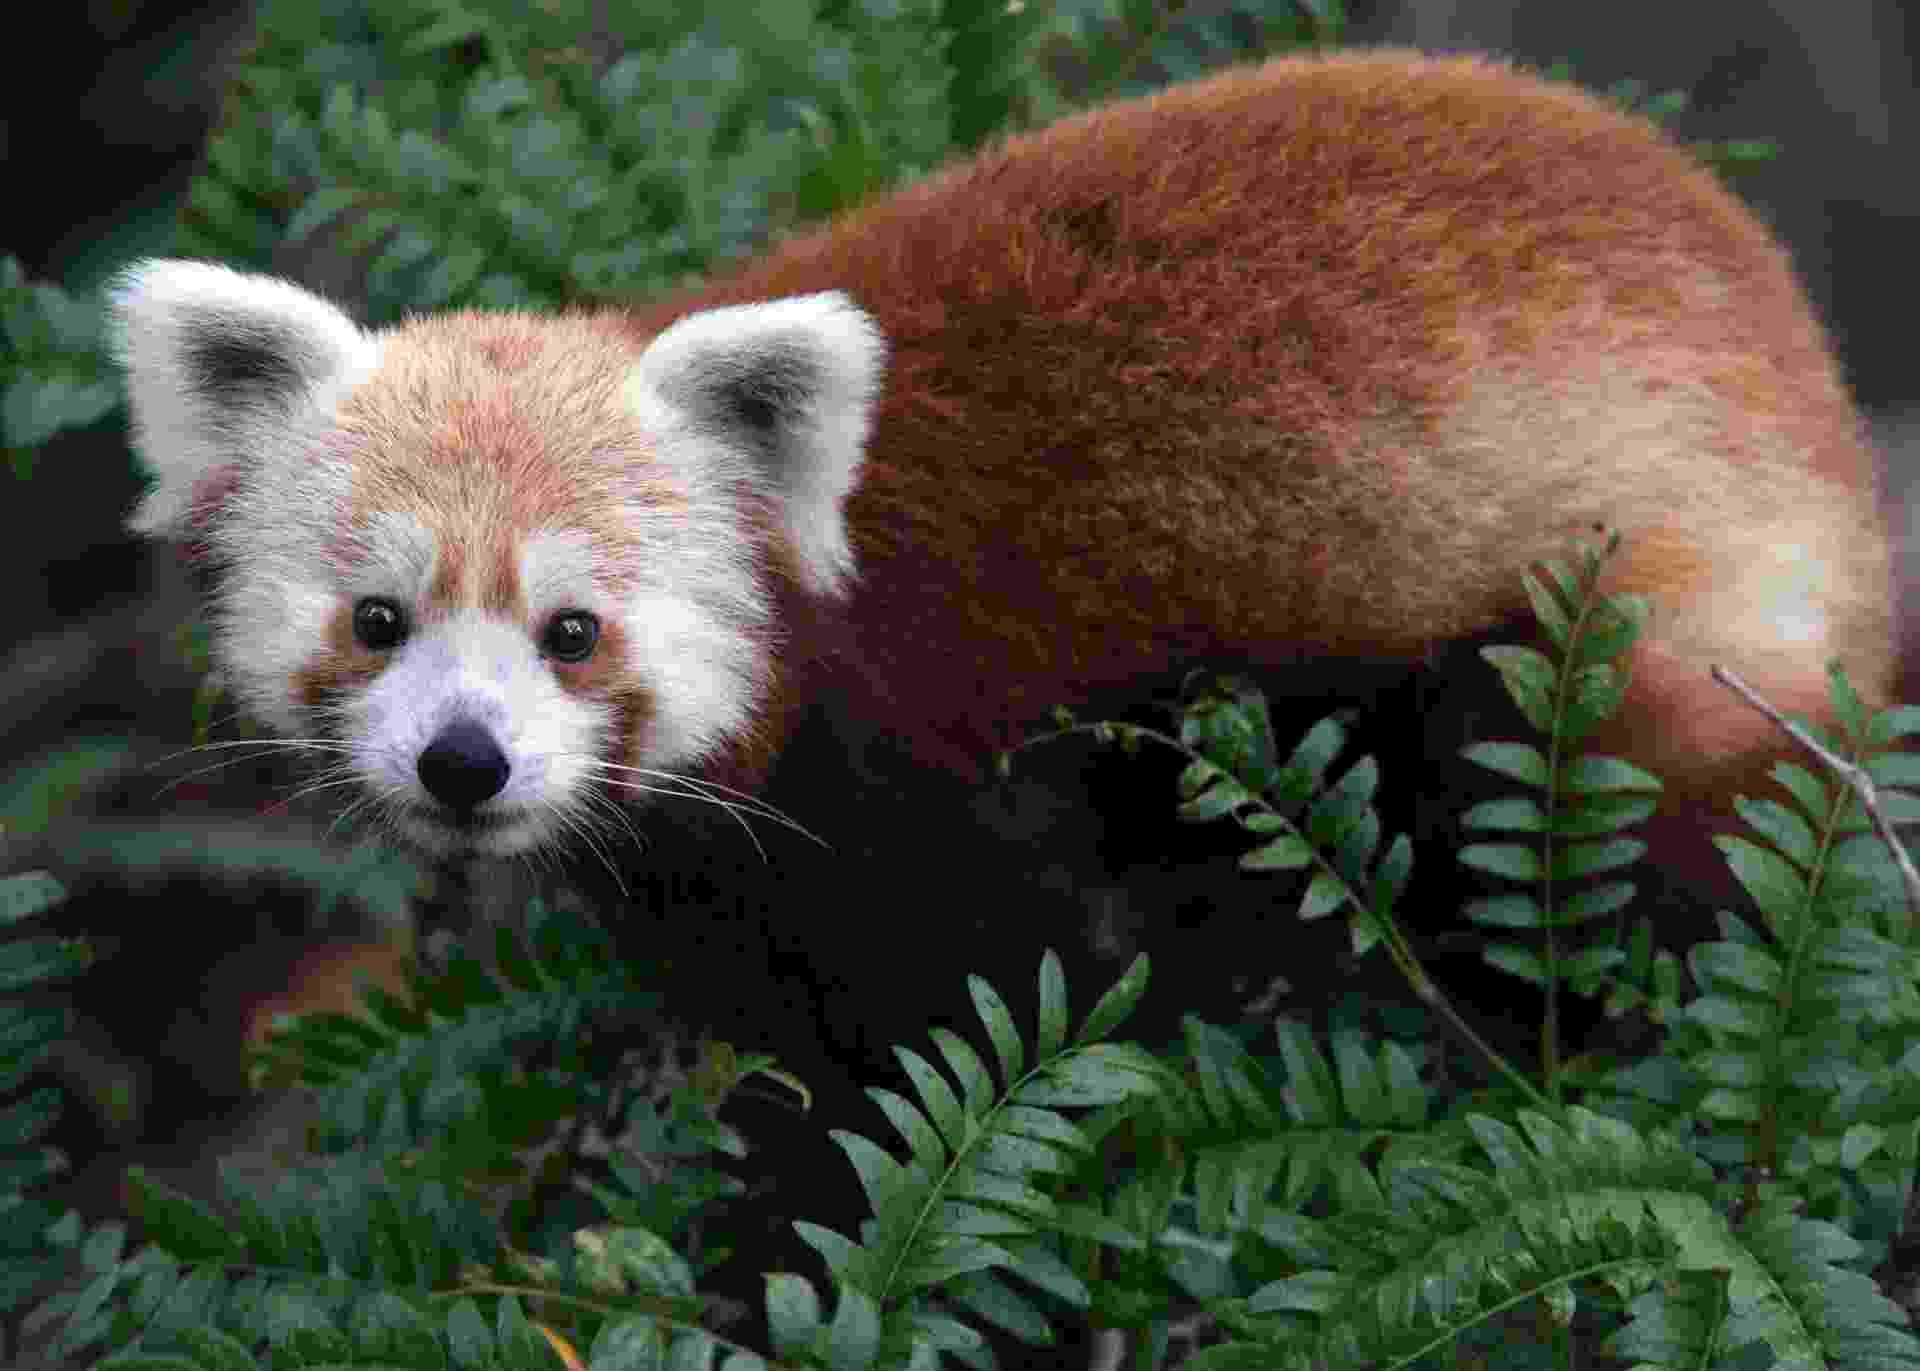 """24.jun.2013 - O Zoológico Nacional de Washington, nos Estados Unidos, chegou a anunciar no seu Twitter que tinha perdido um panda vermelho (""""Ailurus fulgens"""") macho poucas semanas depois de ter sido exposto ao público. Rusty, que fará um ano em julho de 2013, foi recuperado em menos de 24 horas """"são e salvo"""". O panda vermelho é um pequeno mamífero com pelagem escura que vive em árvores do Himalaia e do Sudoeste da China. Depois que 30% da população foi dizimada nas últimas três décadas, a espécie foi considerada """"vulnerável"""" pela União Internacional para a Conservação da Natureza (IUCN, na sigla em inglês)  - atualmente, há cerca de 10 mil indivíduos na natureza - Abby Wood/The Smithsonian National Zoo/Reuters"""